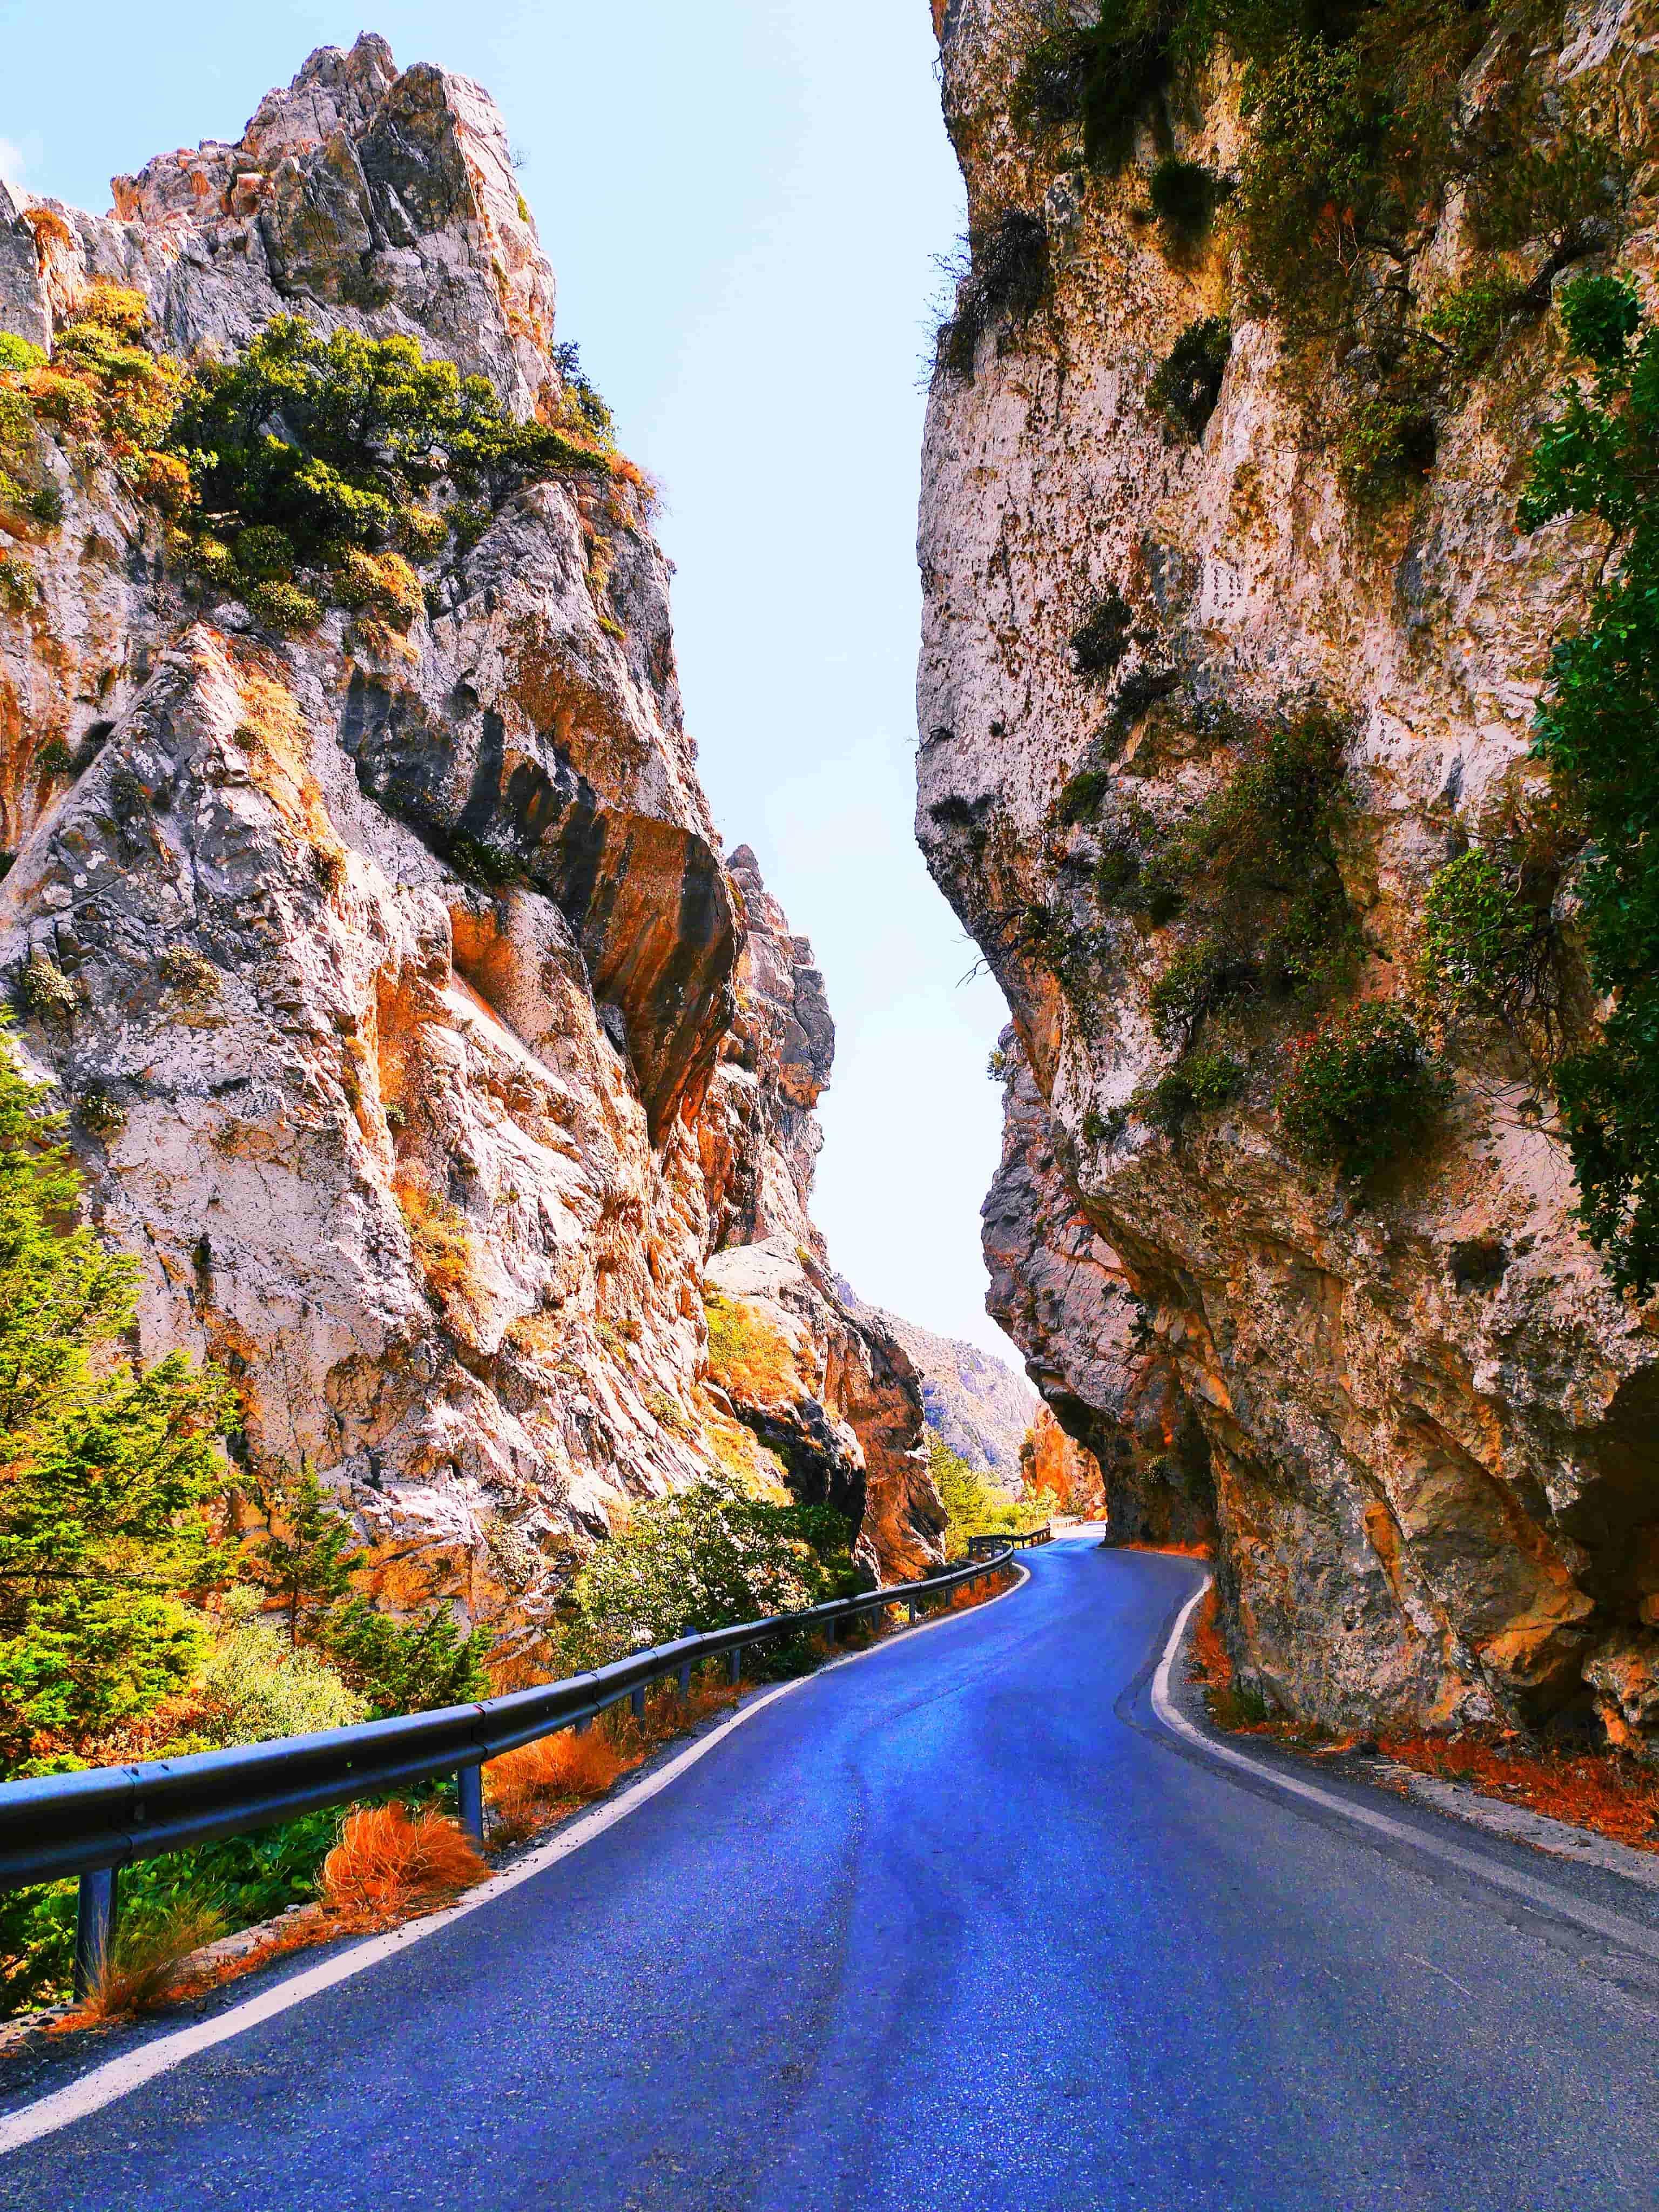 Rethymno - Plakias - Kournas Lake